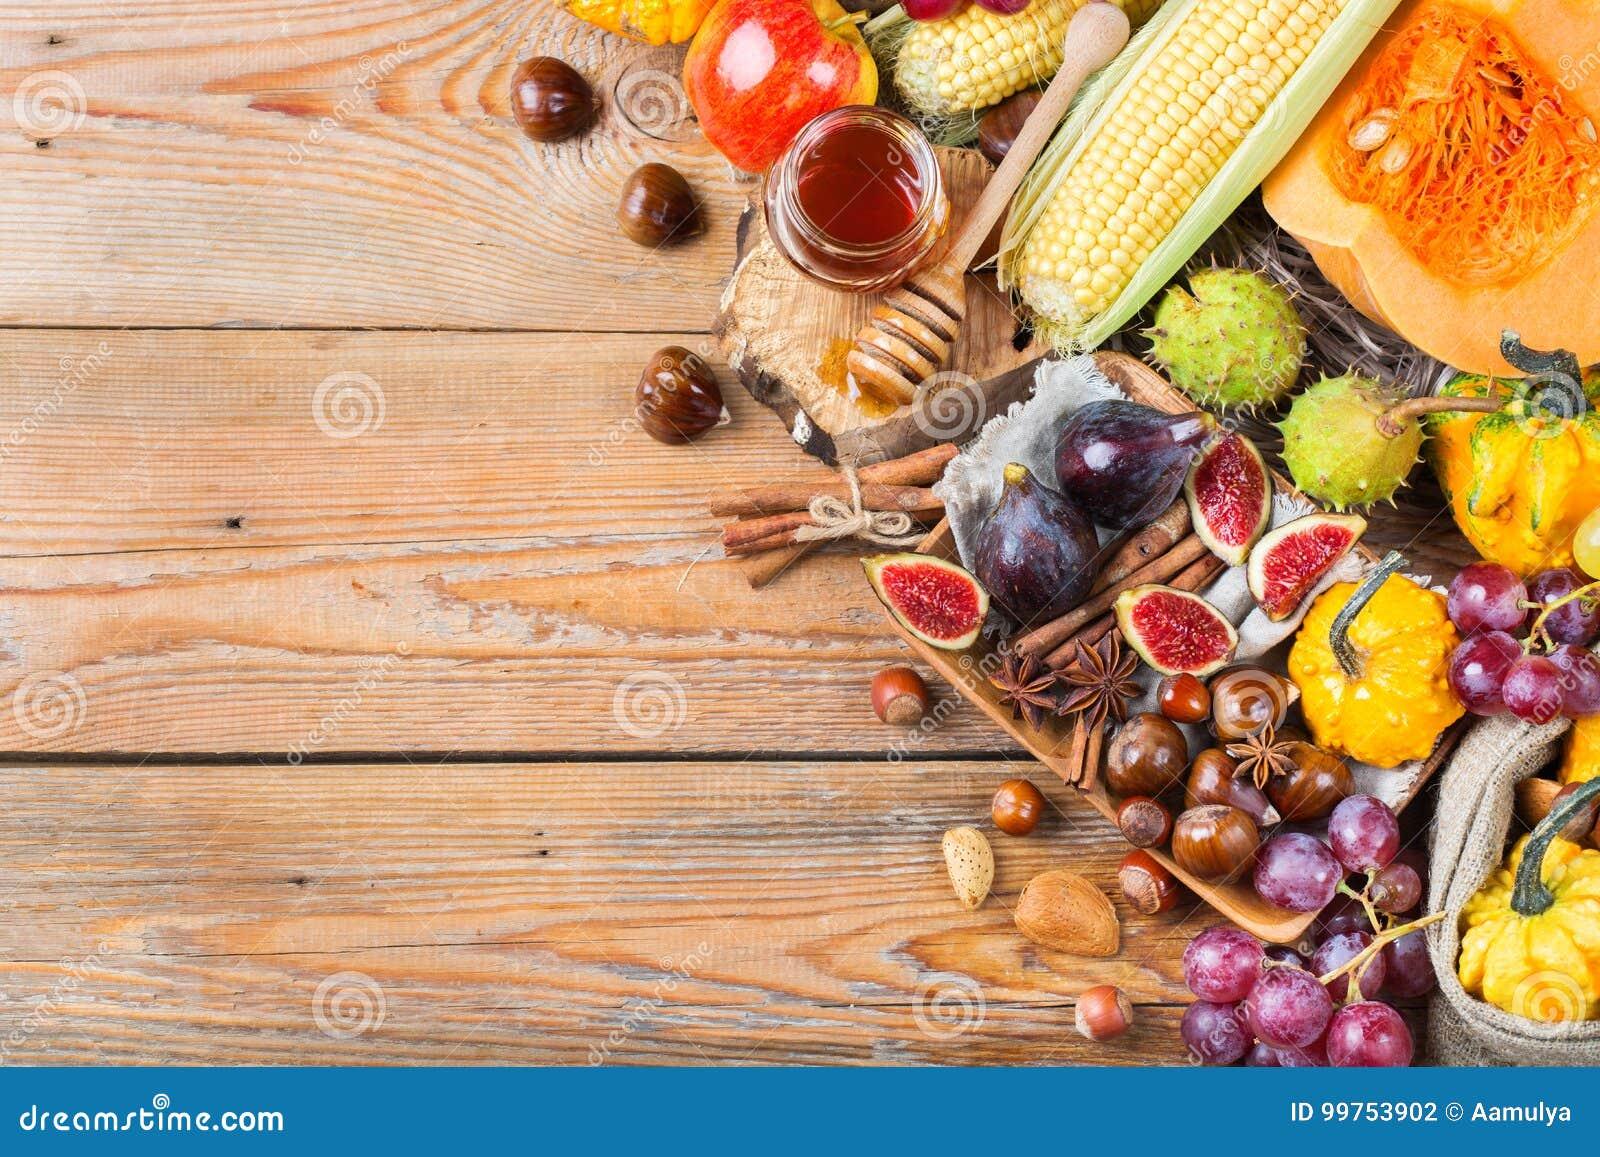 Fondo de la cosecha del otoño de la caída con maíz de la castaña de la manzana de la calabaza